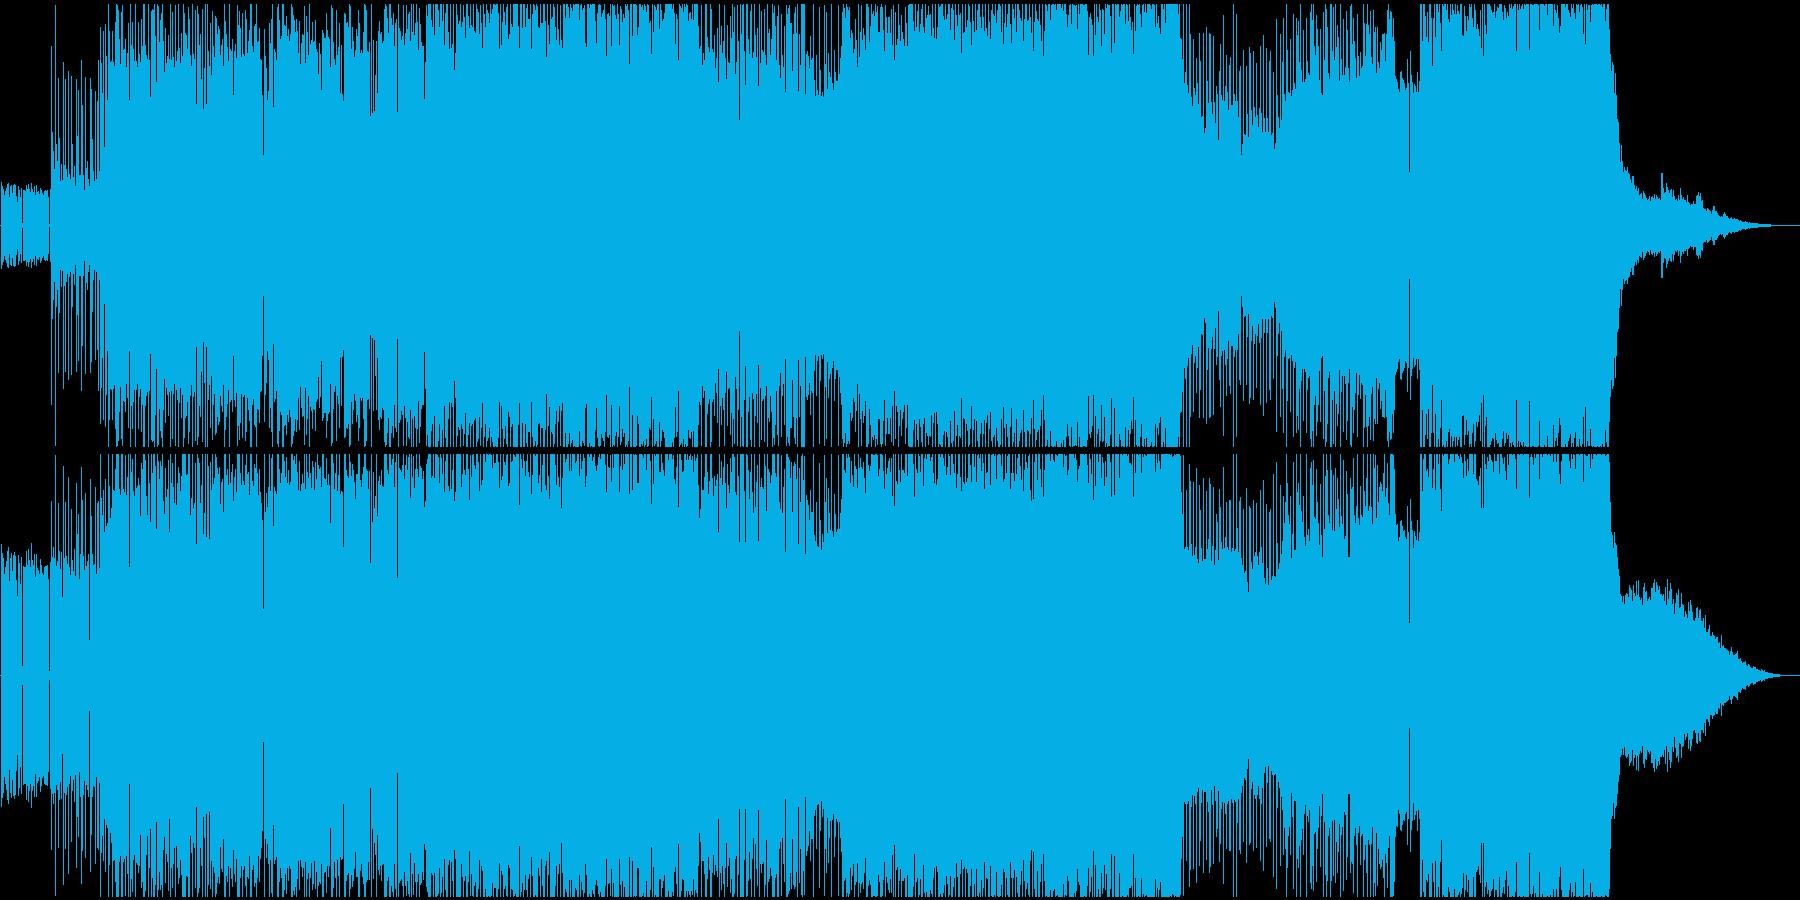 生演奏。女声Voの爽やかなポップロックの再生済みの波形